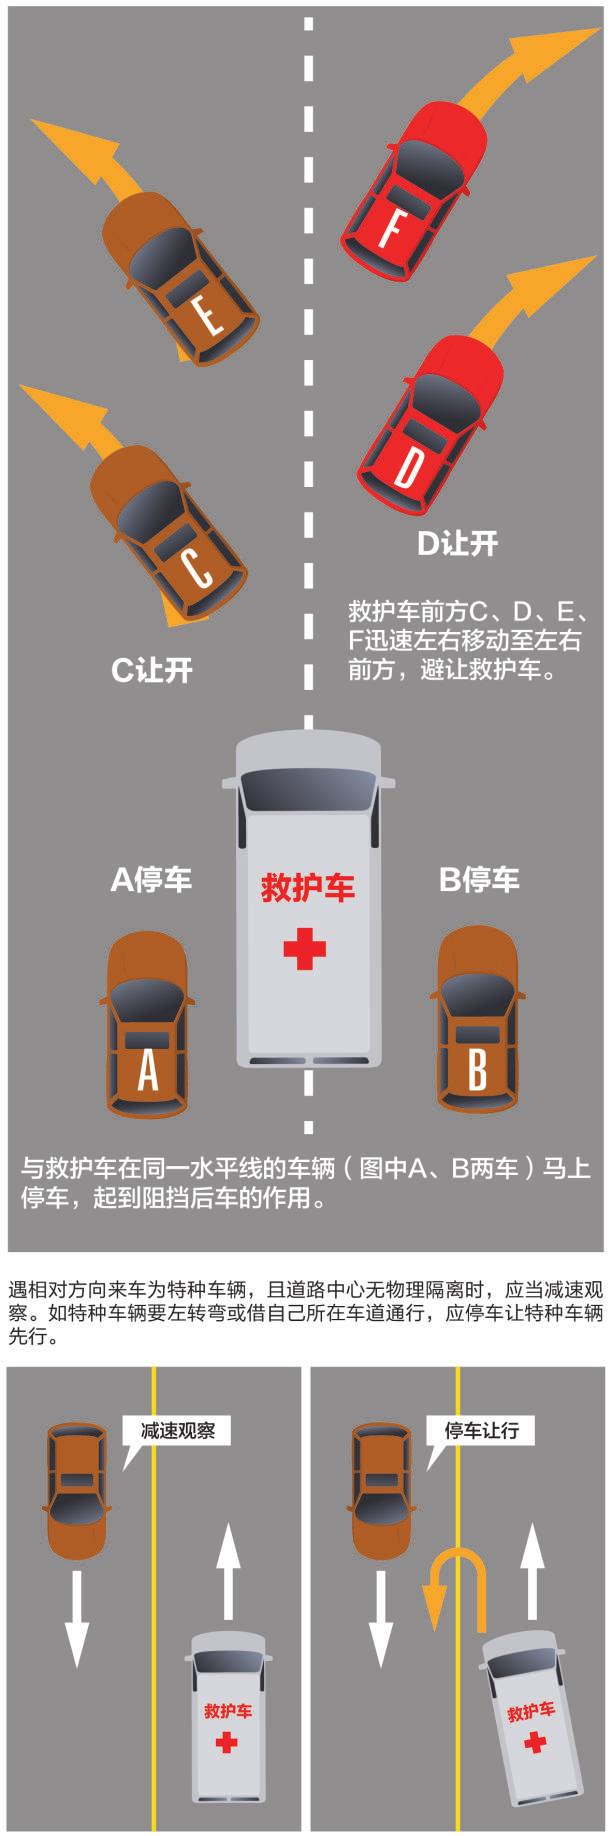 点赞成都!45度让路法真实上演 救护车4分钟穿过三公里拥堵路段_许相如